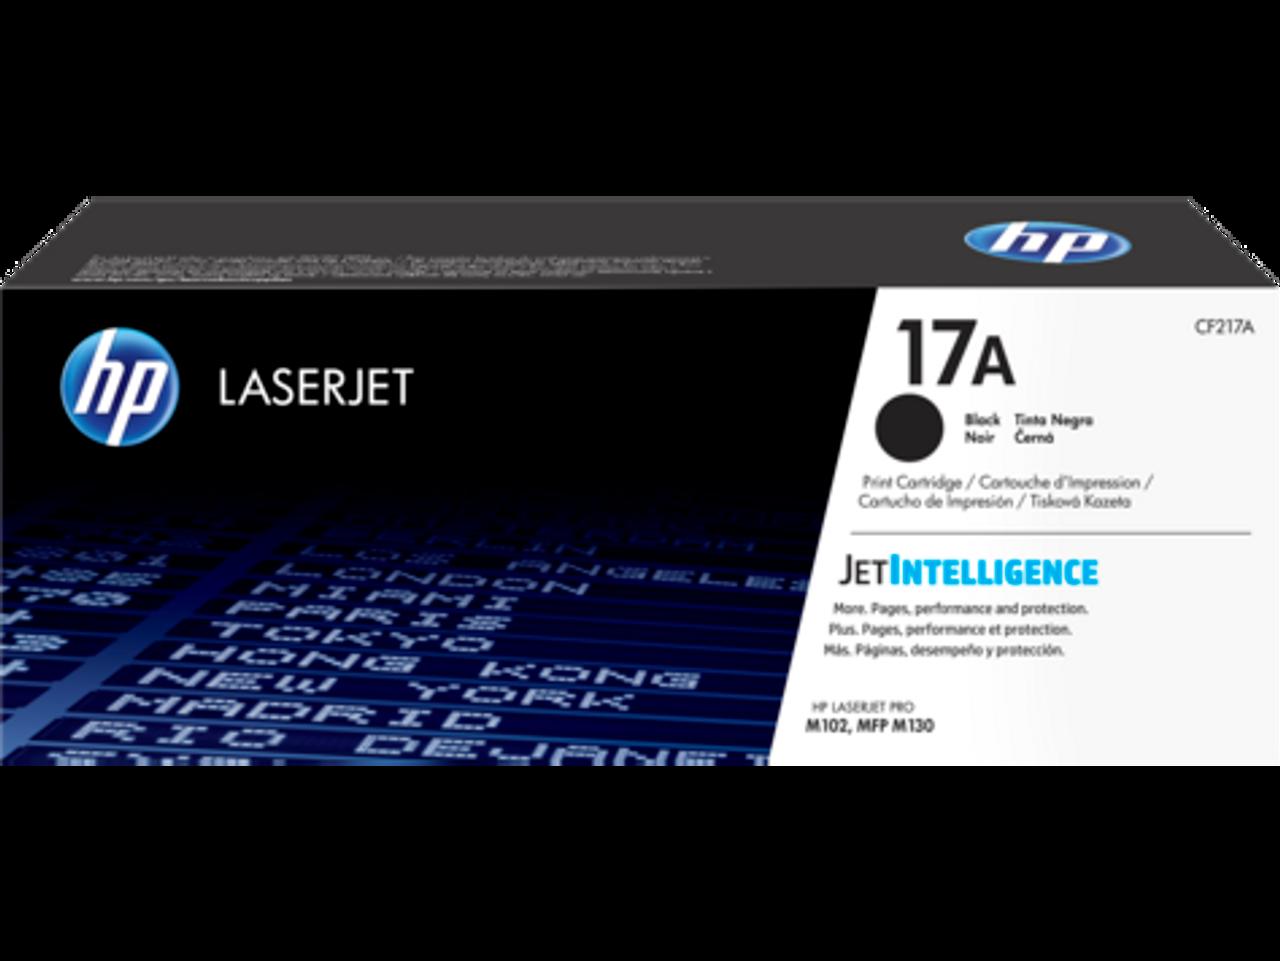 TONER HP 17A Black Original LaserJet Toner Cartridge (CF217A)